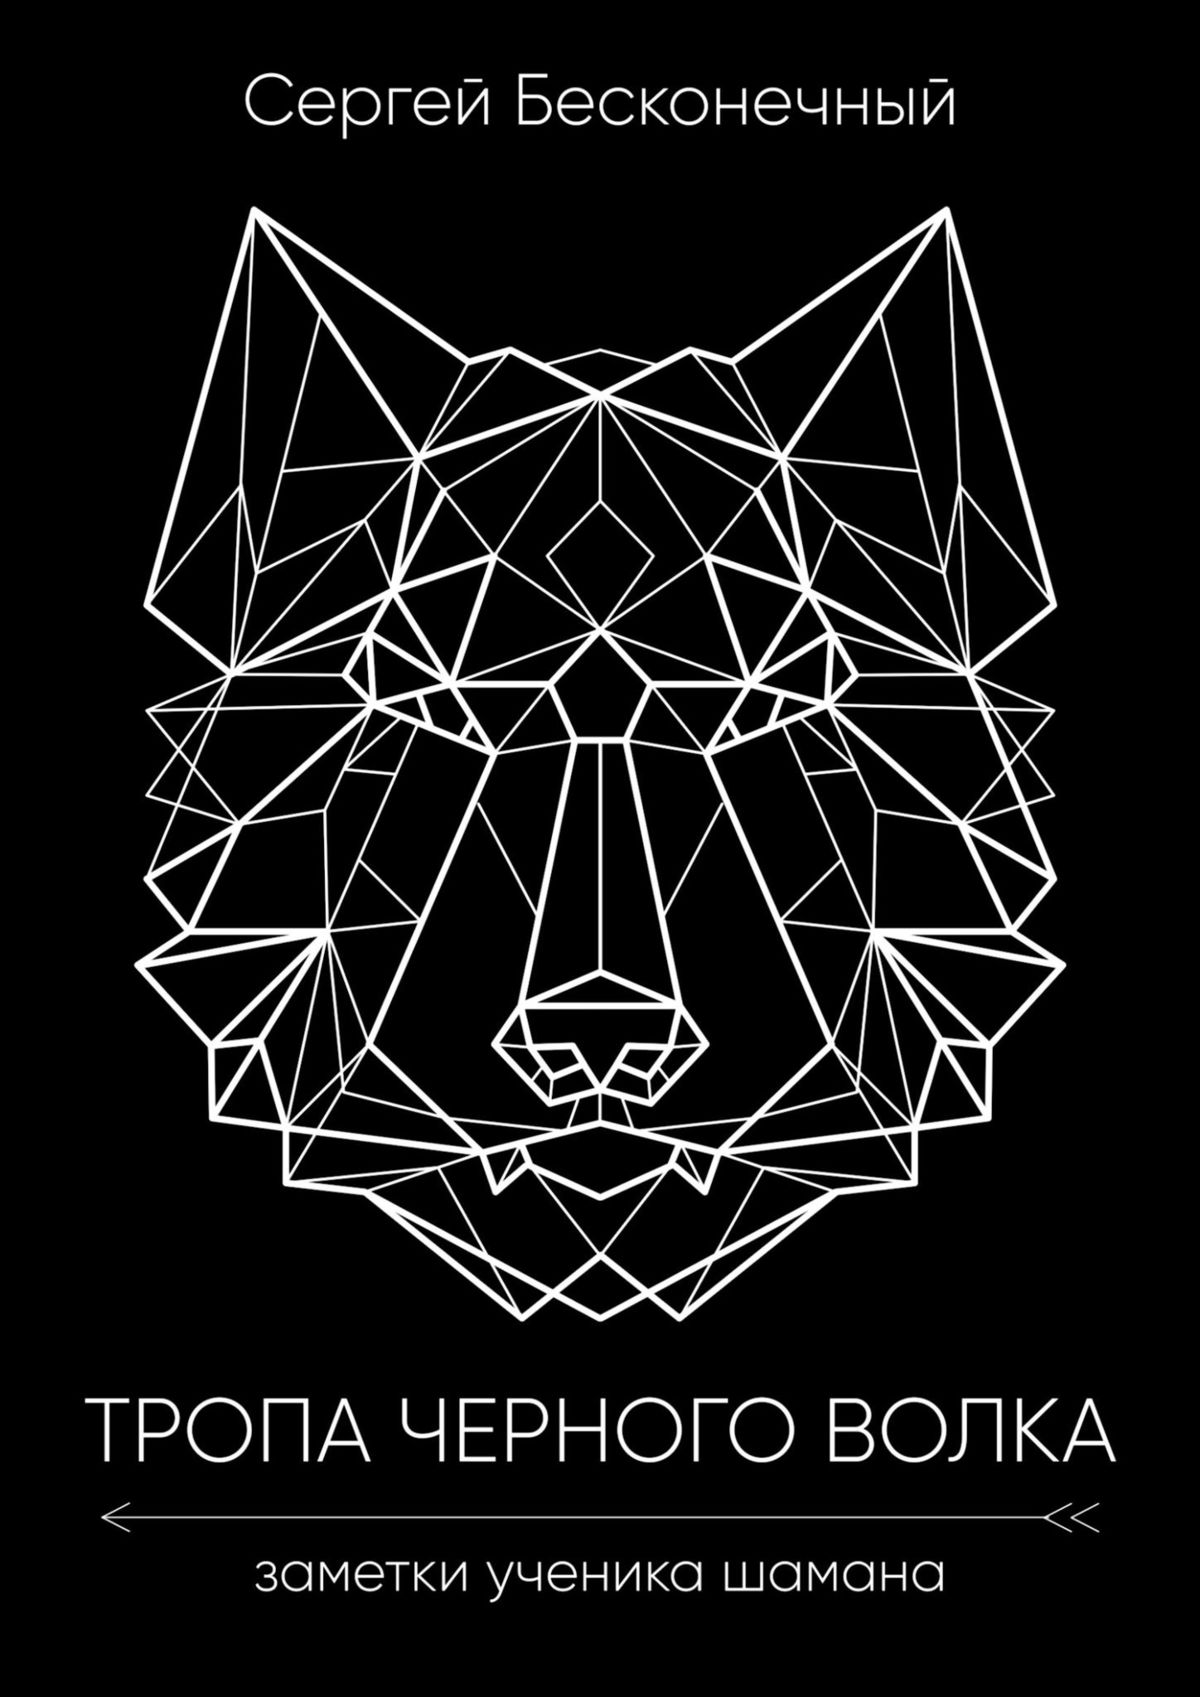 Сергей Бесконечный Тропа чёрного волка: Заметки ученика шамана грошева и тавай история монгольского шамана